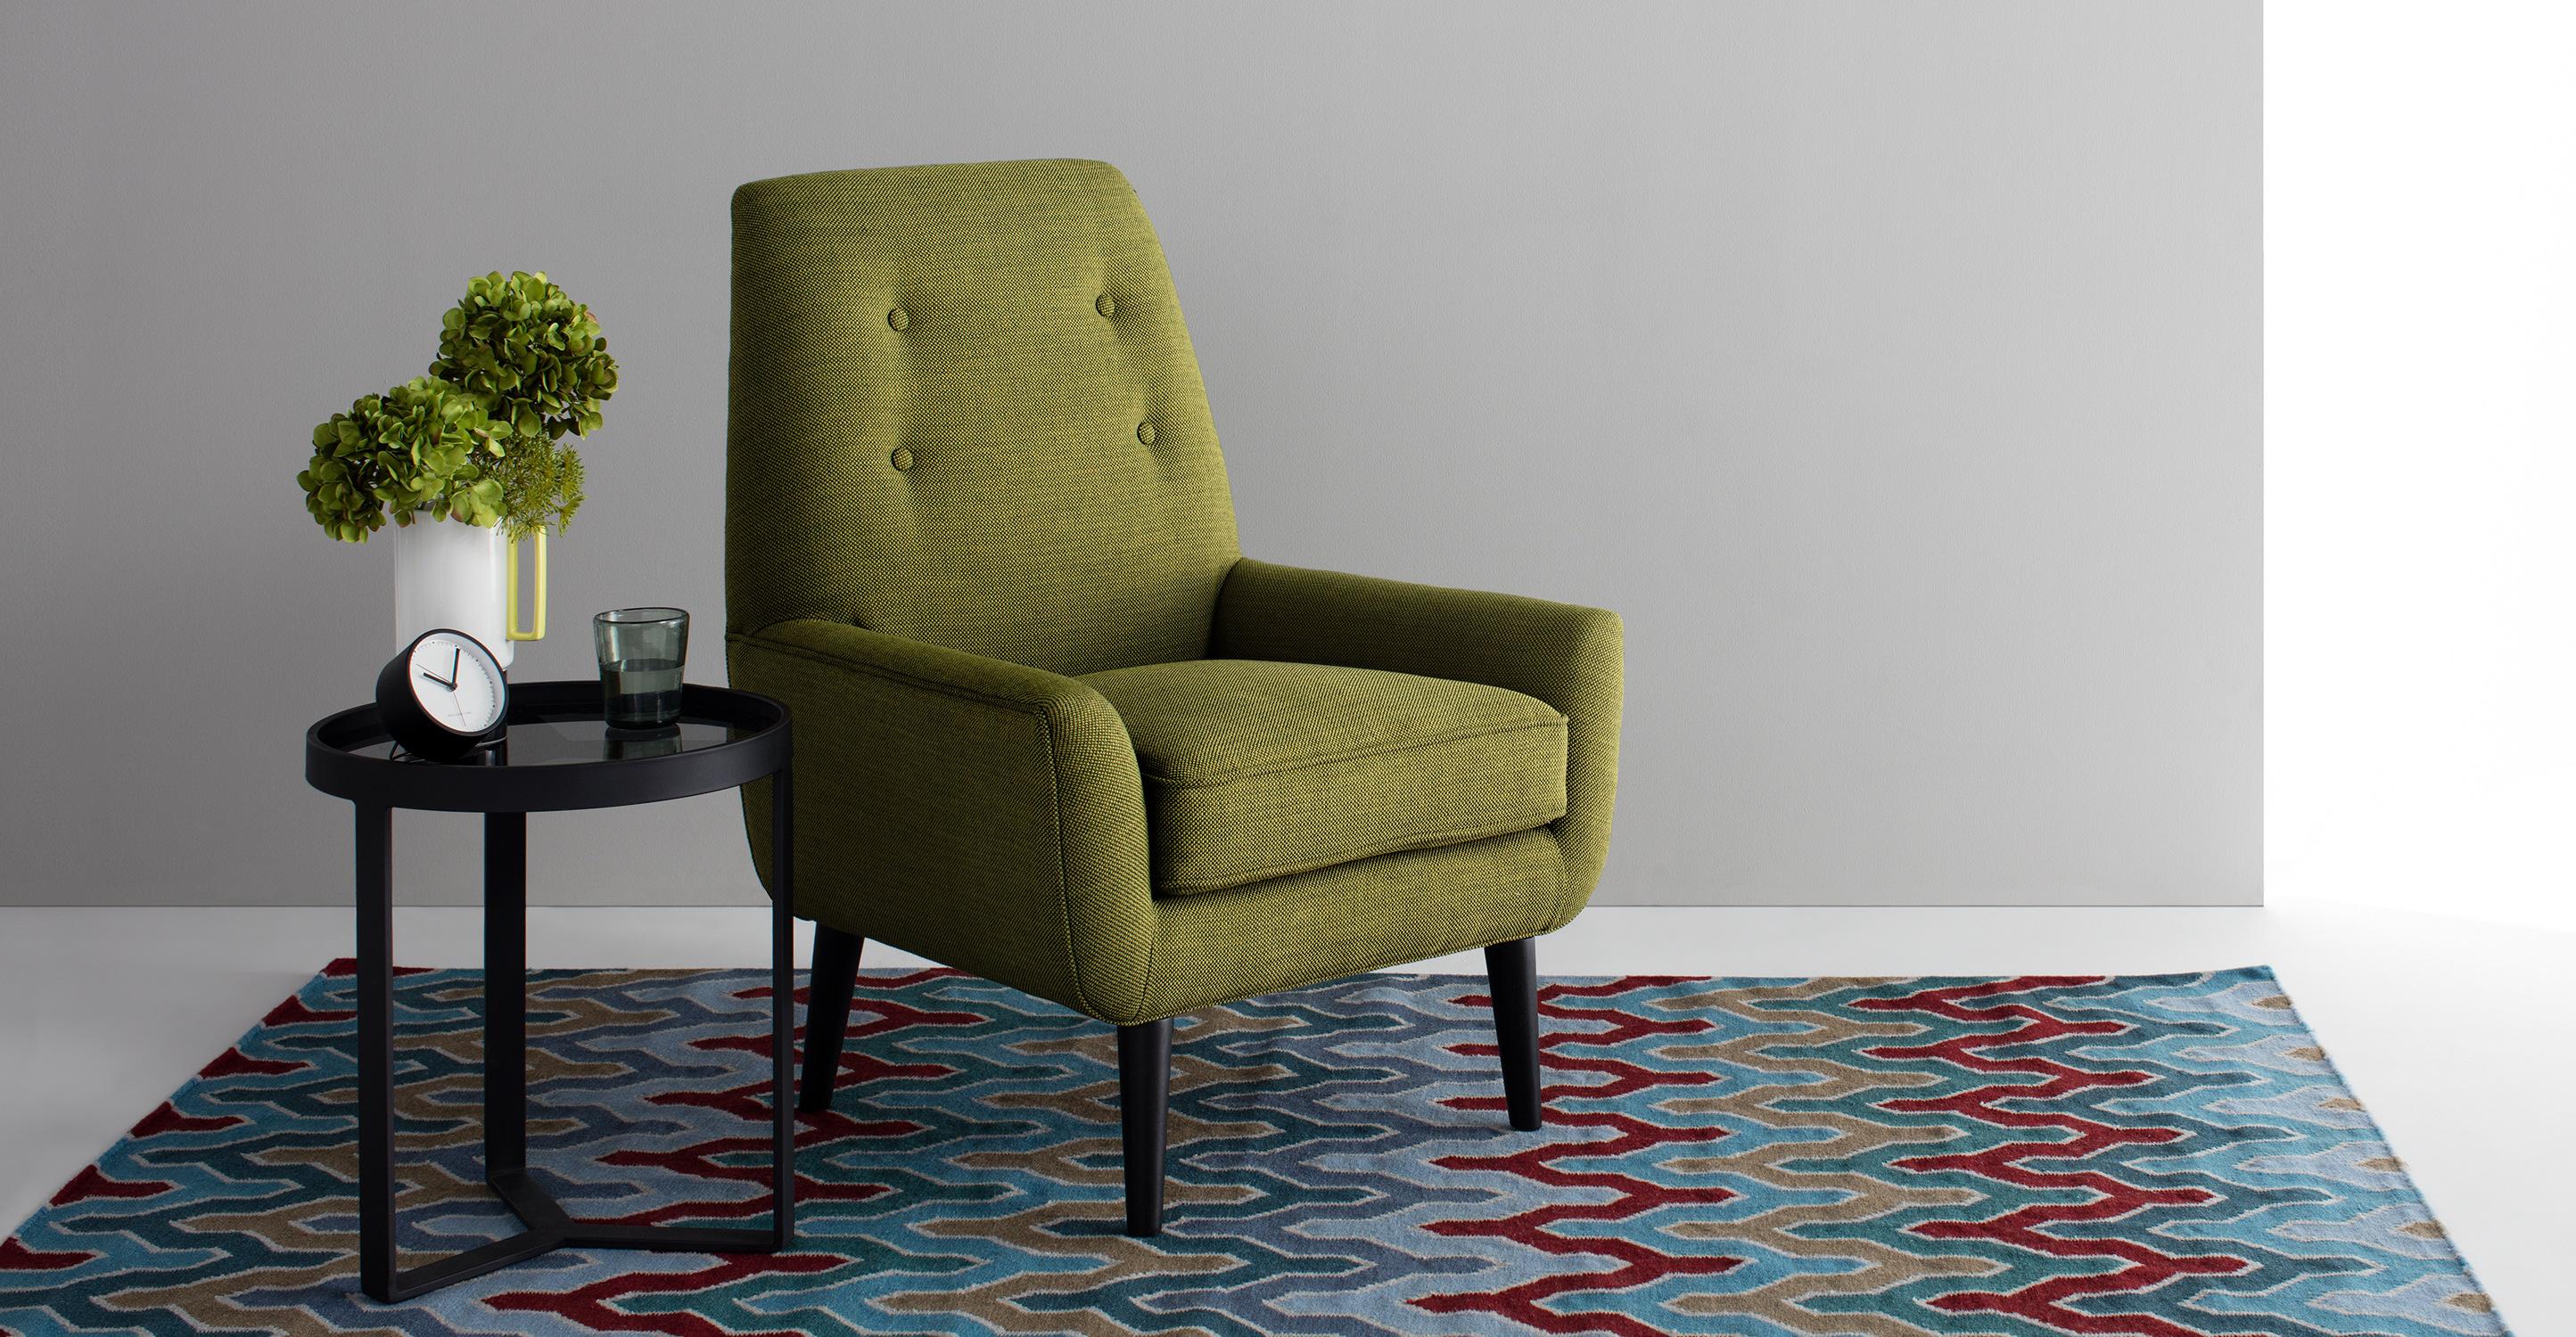 Кресло оливкового цвета в интерьере